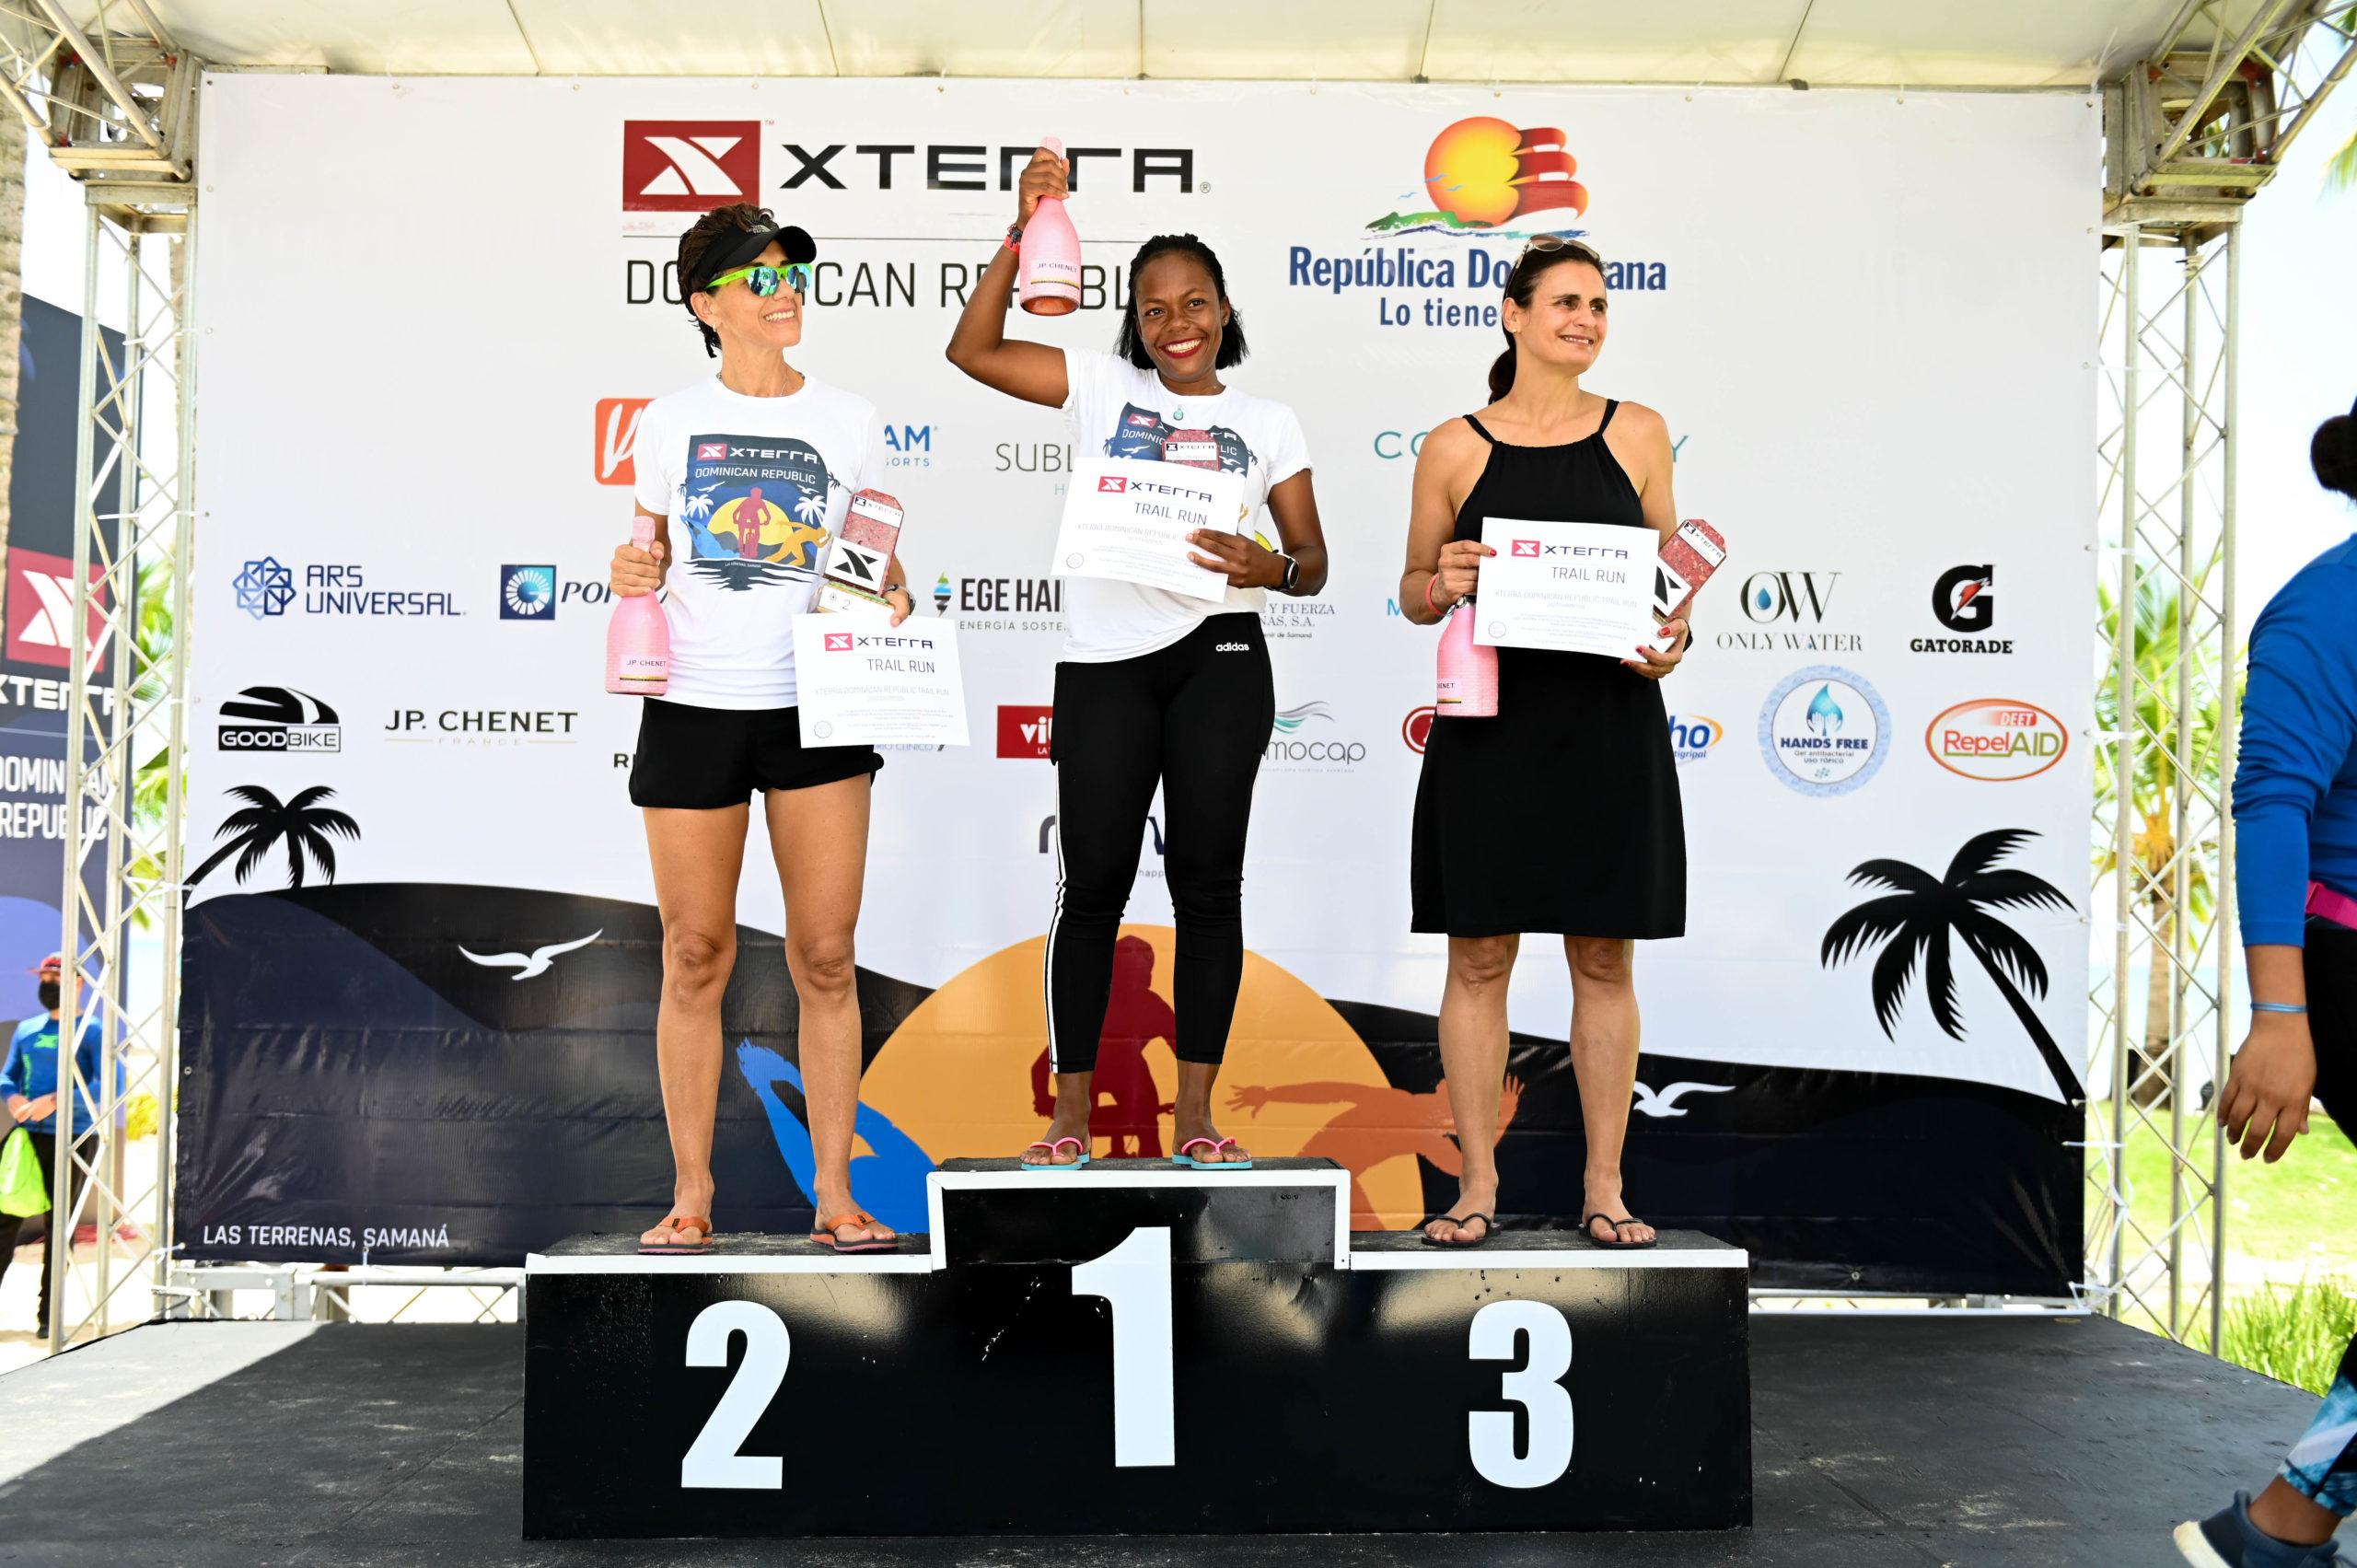 Campeonas femeninas 5ta versión Xterra República Dominicana